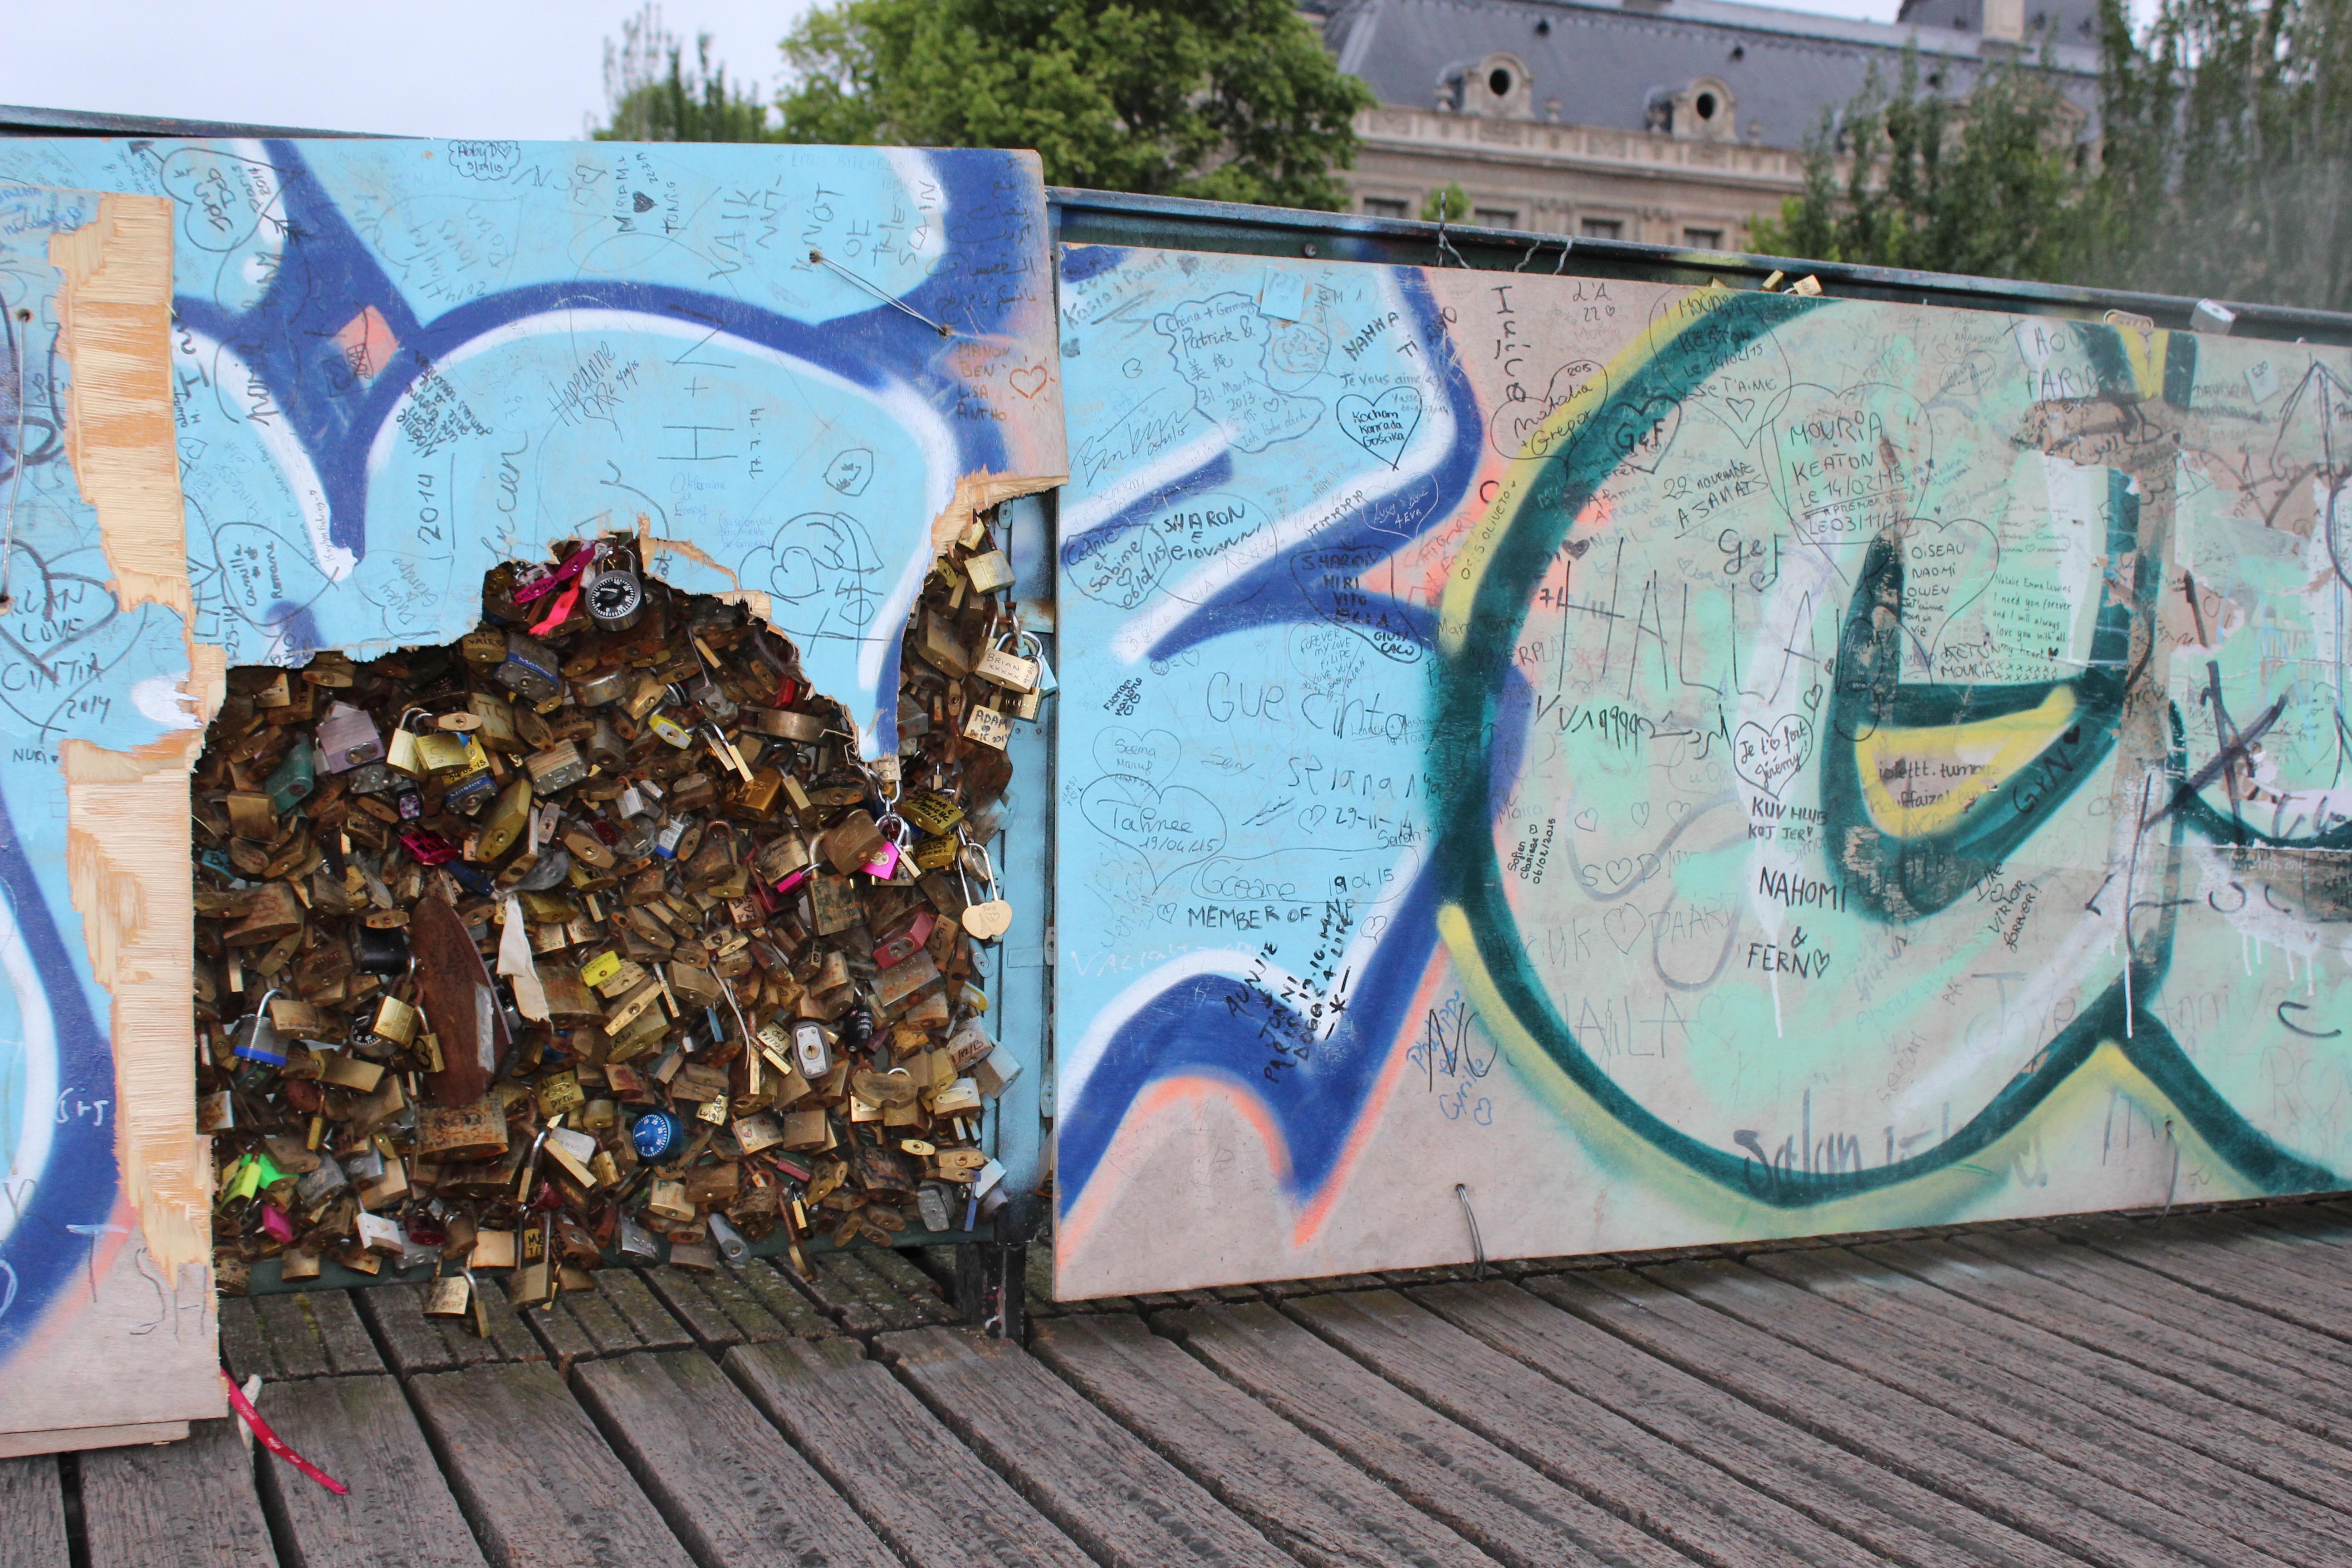 Fin du street art sur ce pont des arts